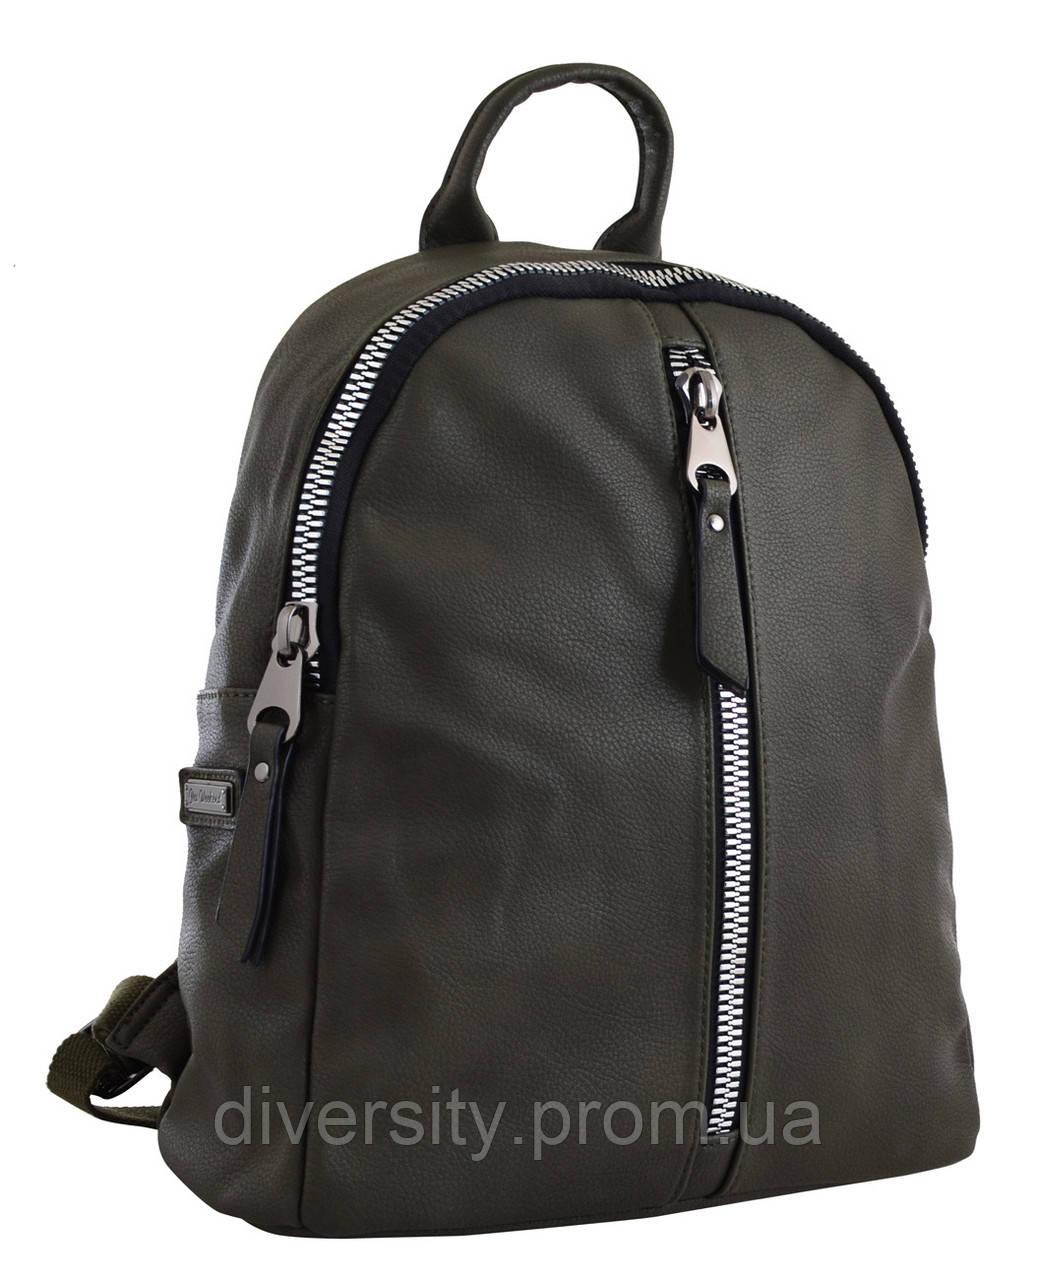 Женский рюкзак YES YW-16, хаки